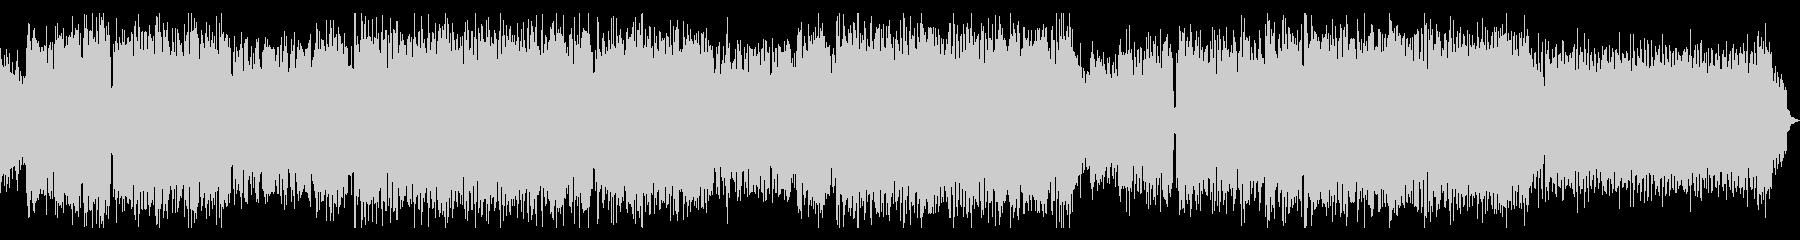 エキサイティングなエレクトロサウンドの未再生の波形